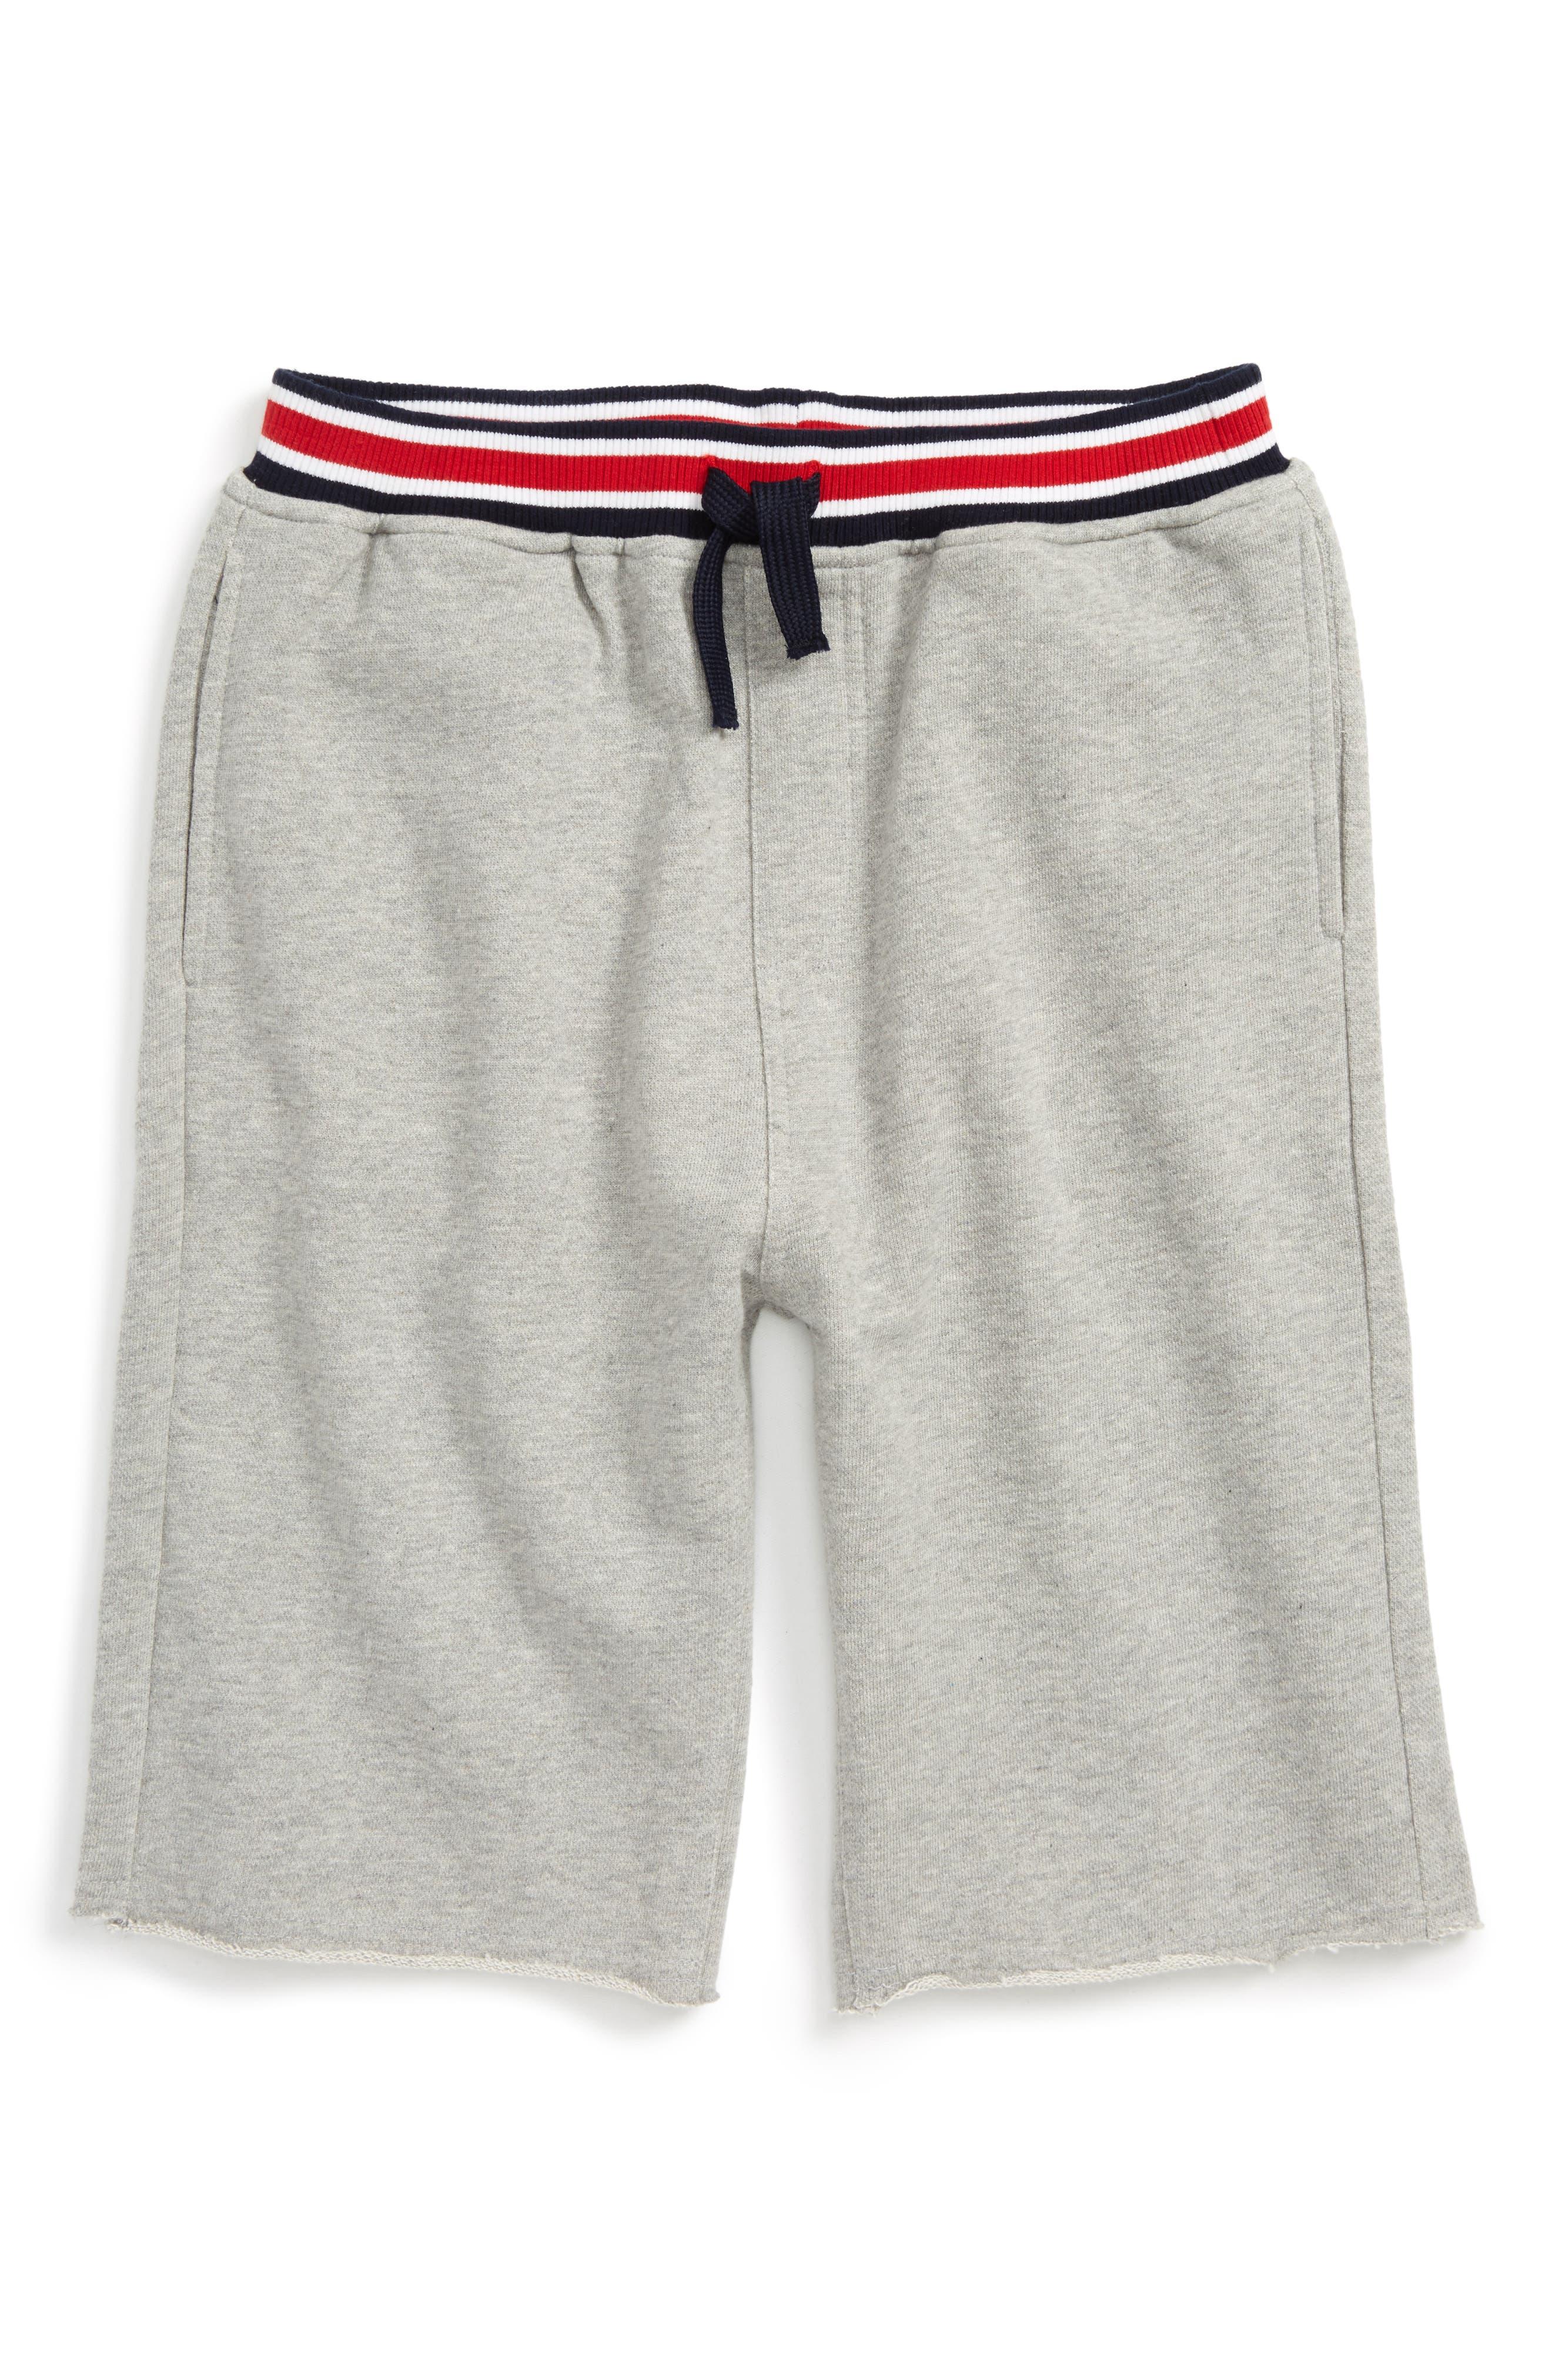 Varsity Knit Shorts,                             Main thumbnail 1, color,                             020